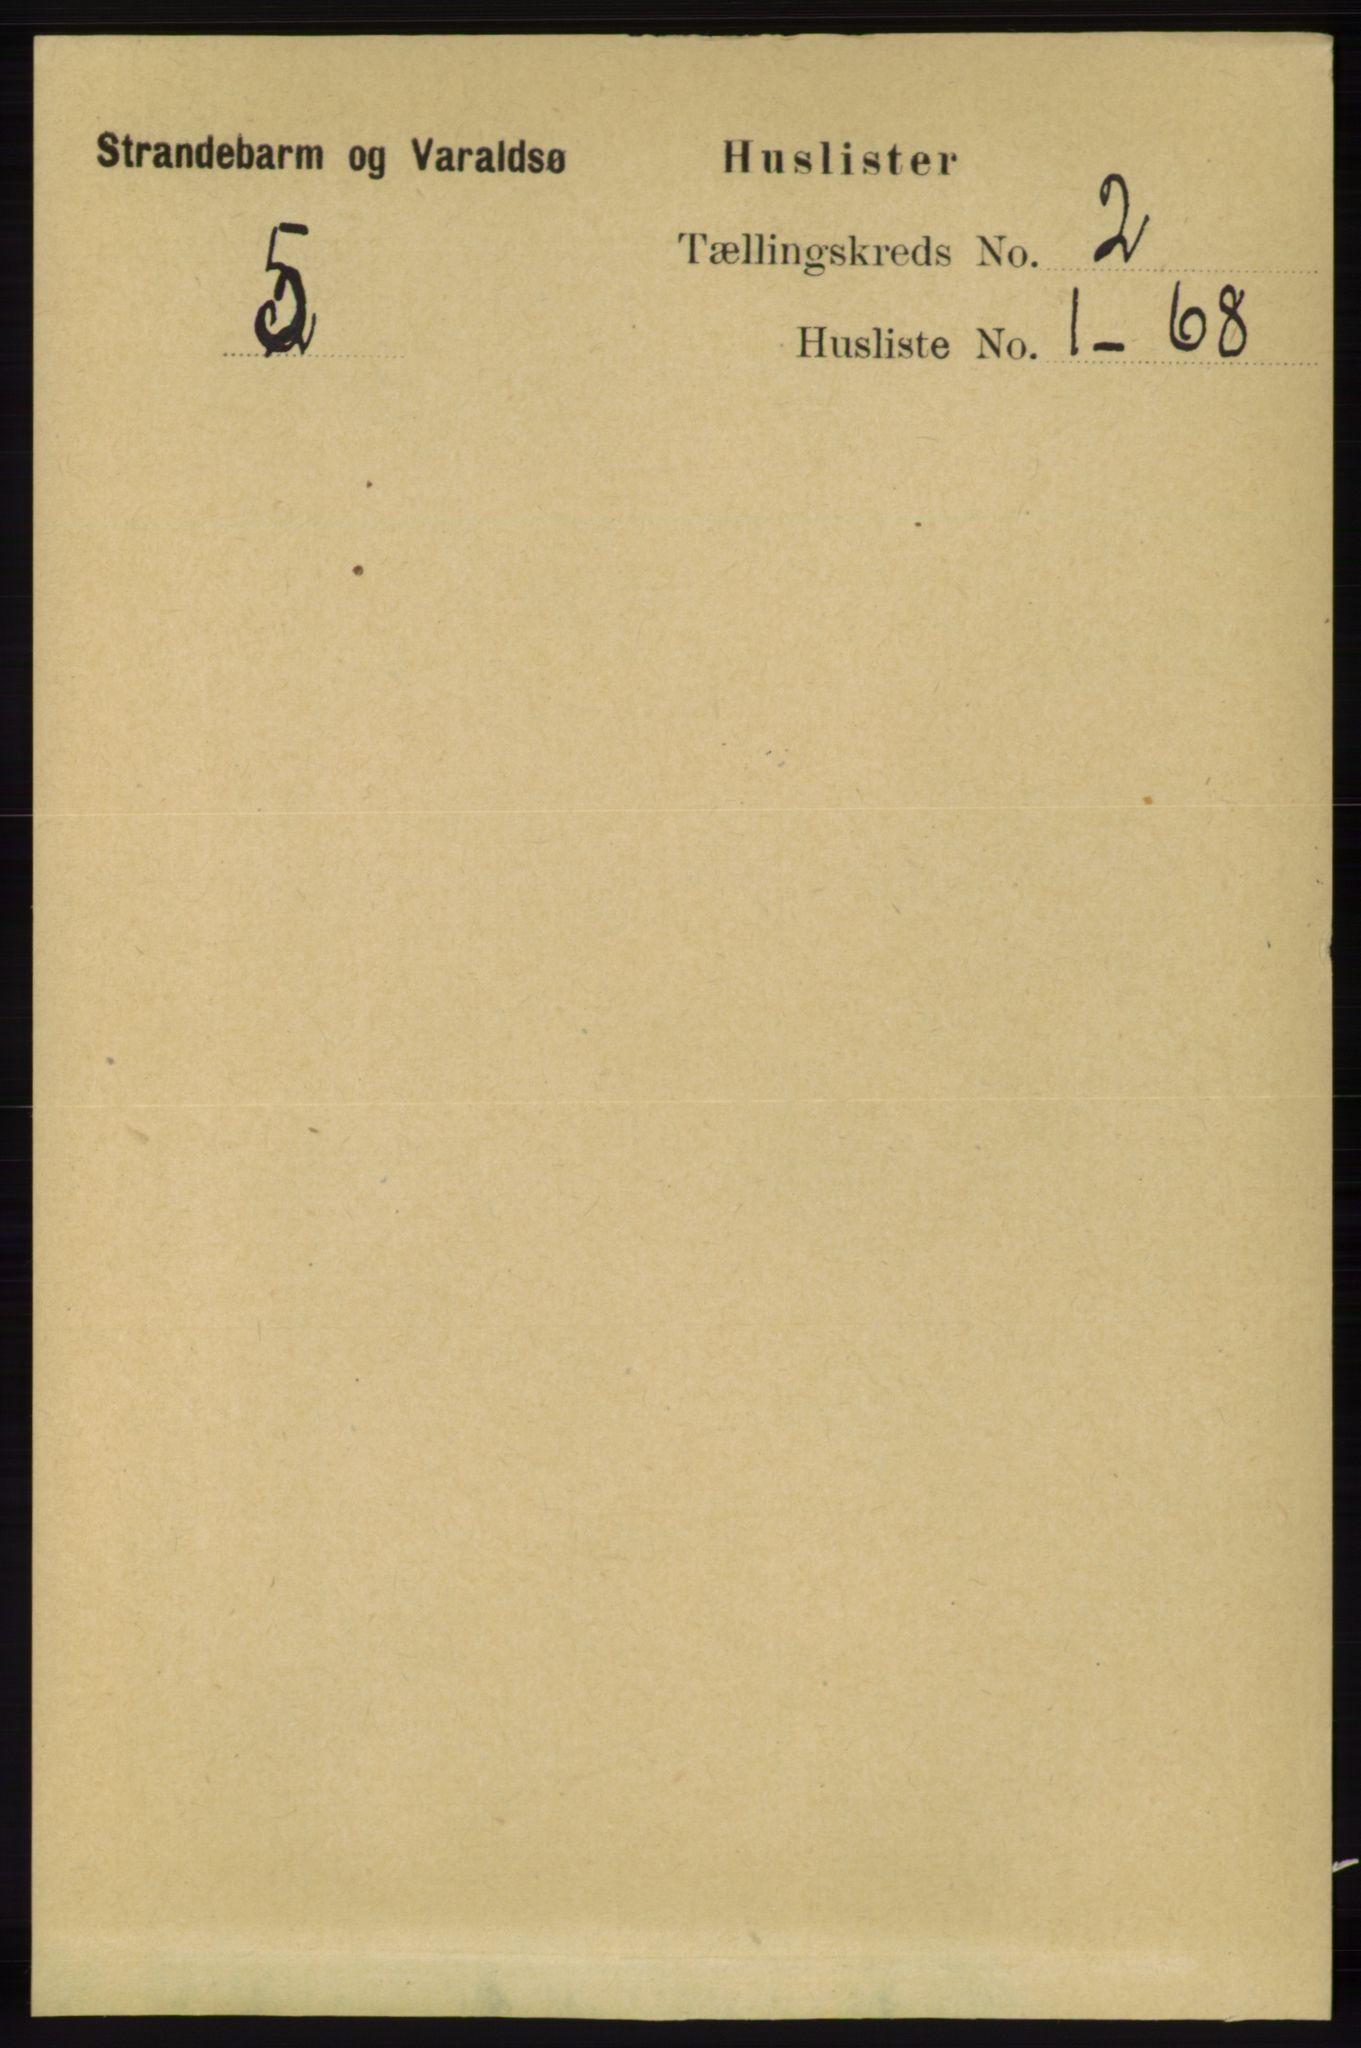 RA, Folketelling 1891 for 1226 Strandebarm og Varaldsøy herred, 1891, s. 508